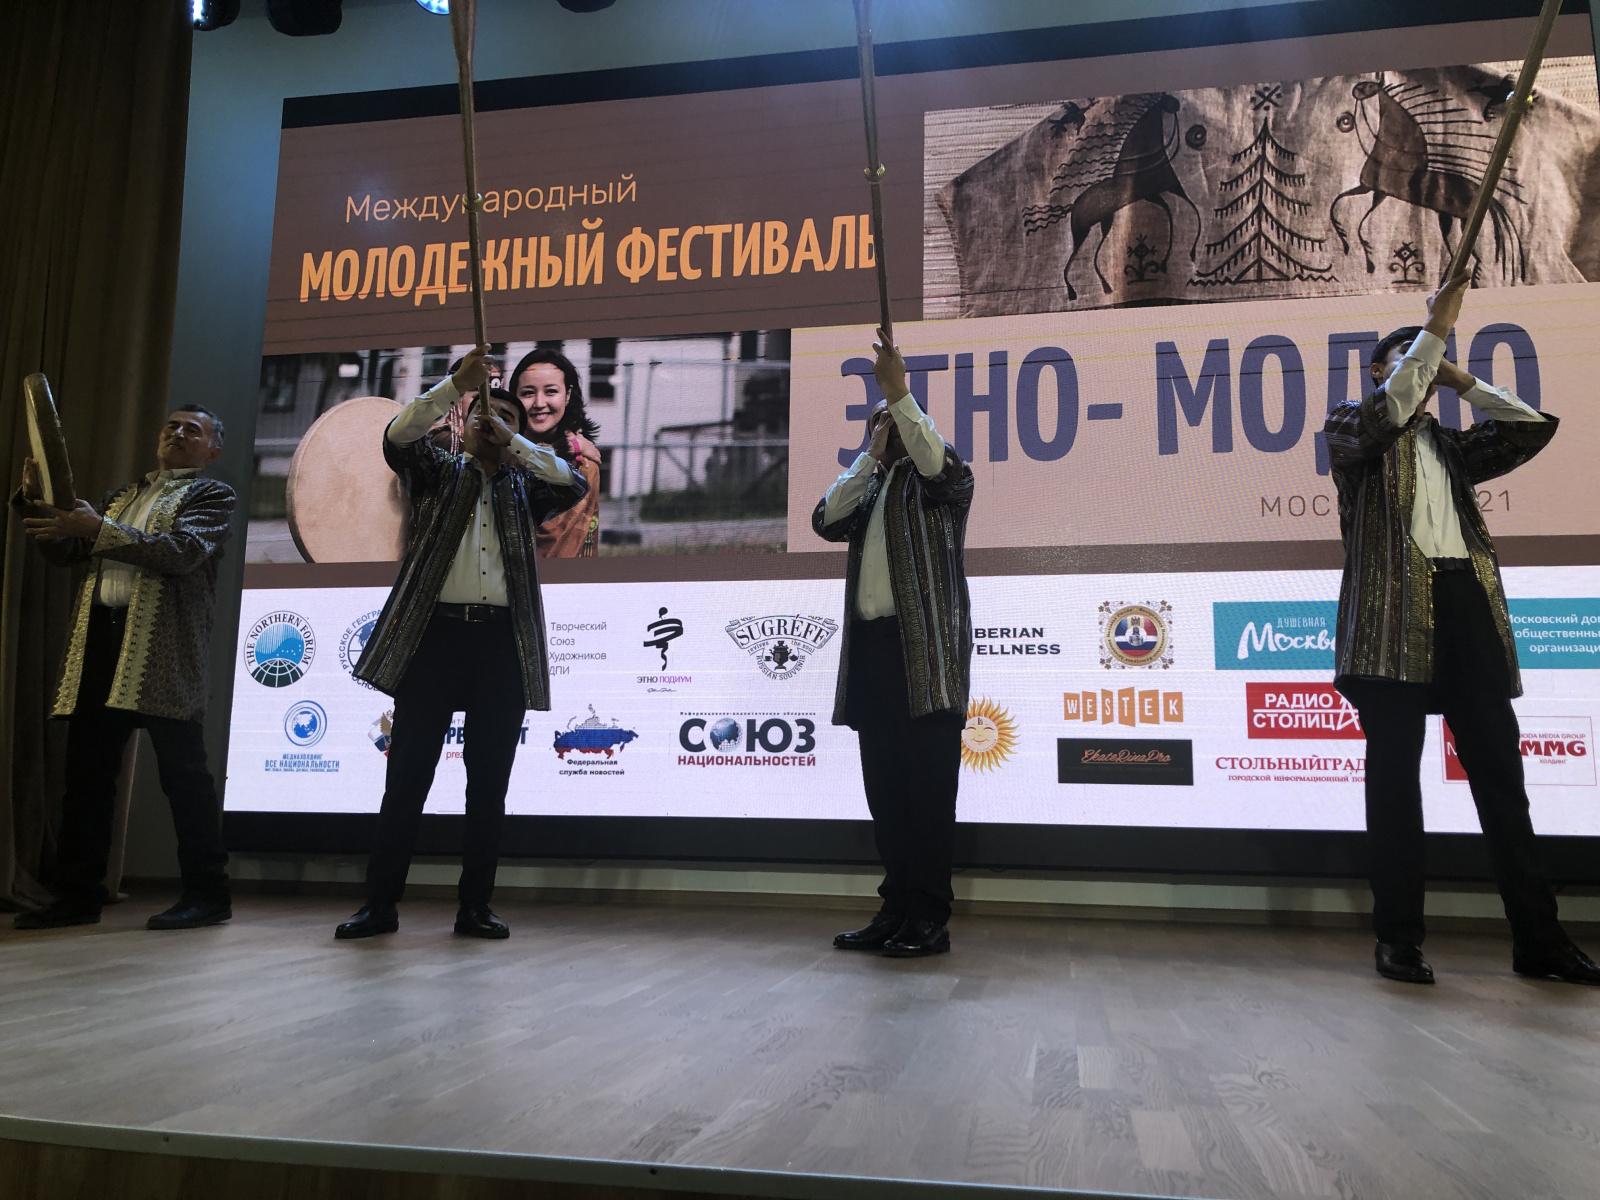 mezhdunarodnyj-molodezhnyj-festival-ehtno-modno-2